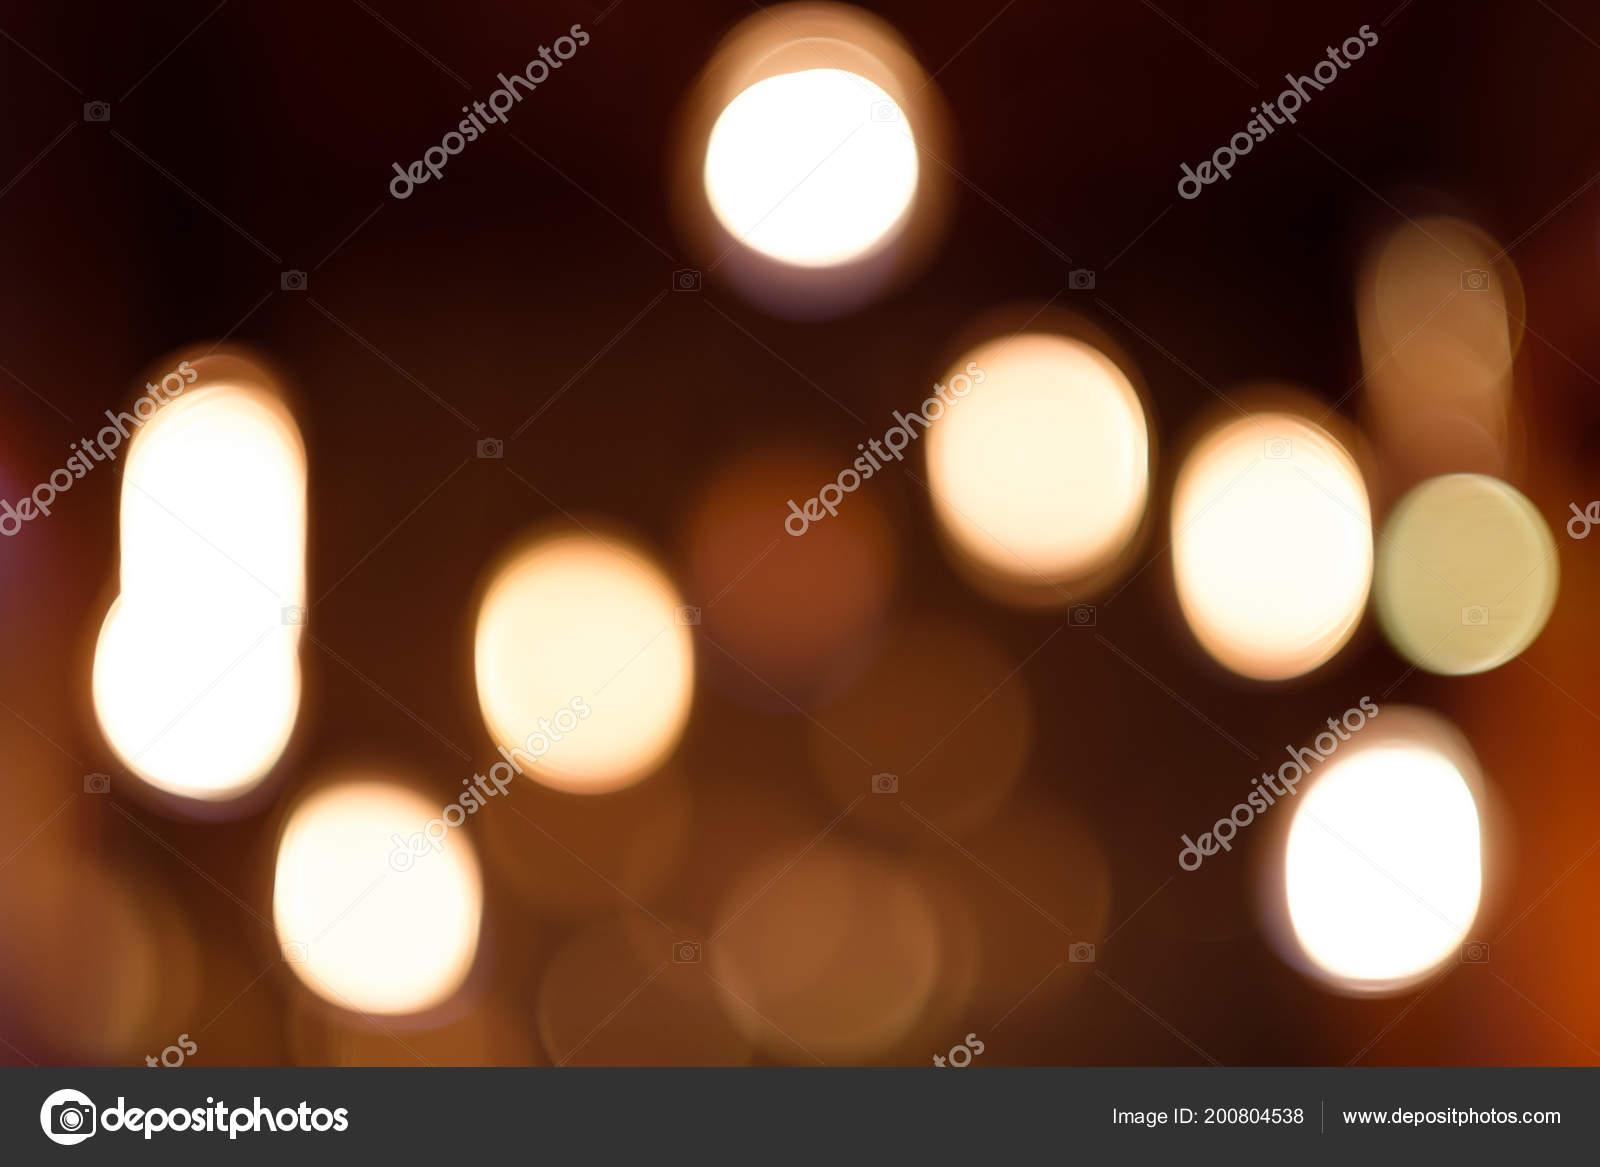 6d70815a9 Tecido Wawed Tecido Liso Dobrado Fundo Incolor Cinza Preto Branca —  Fotografia de Stock